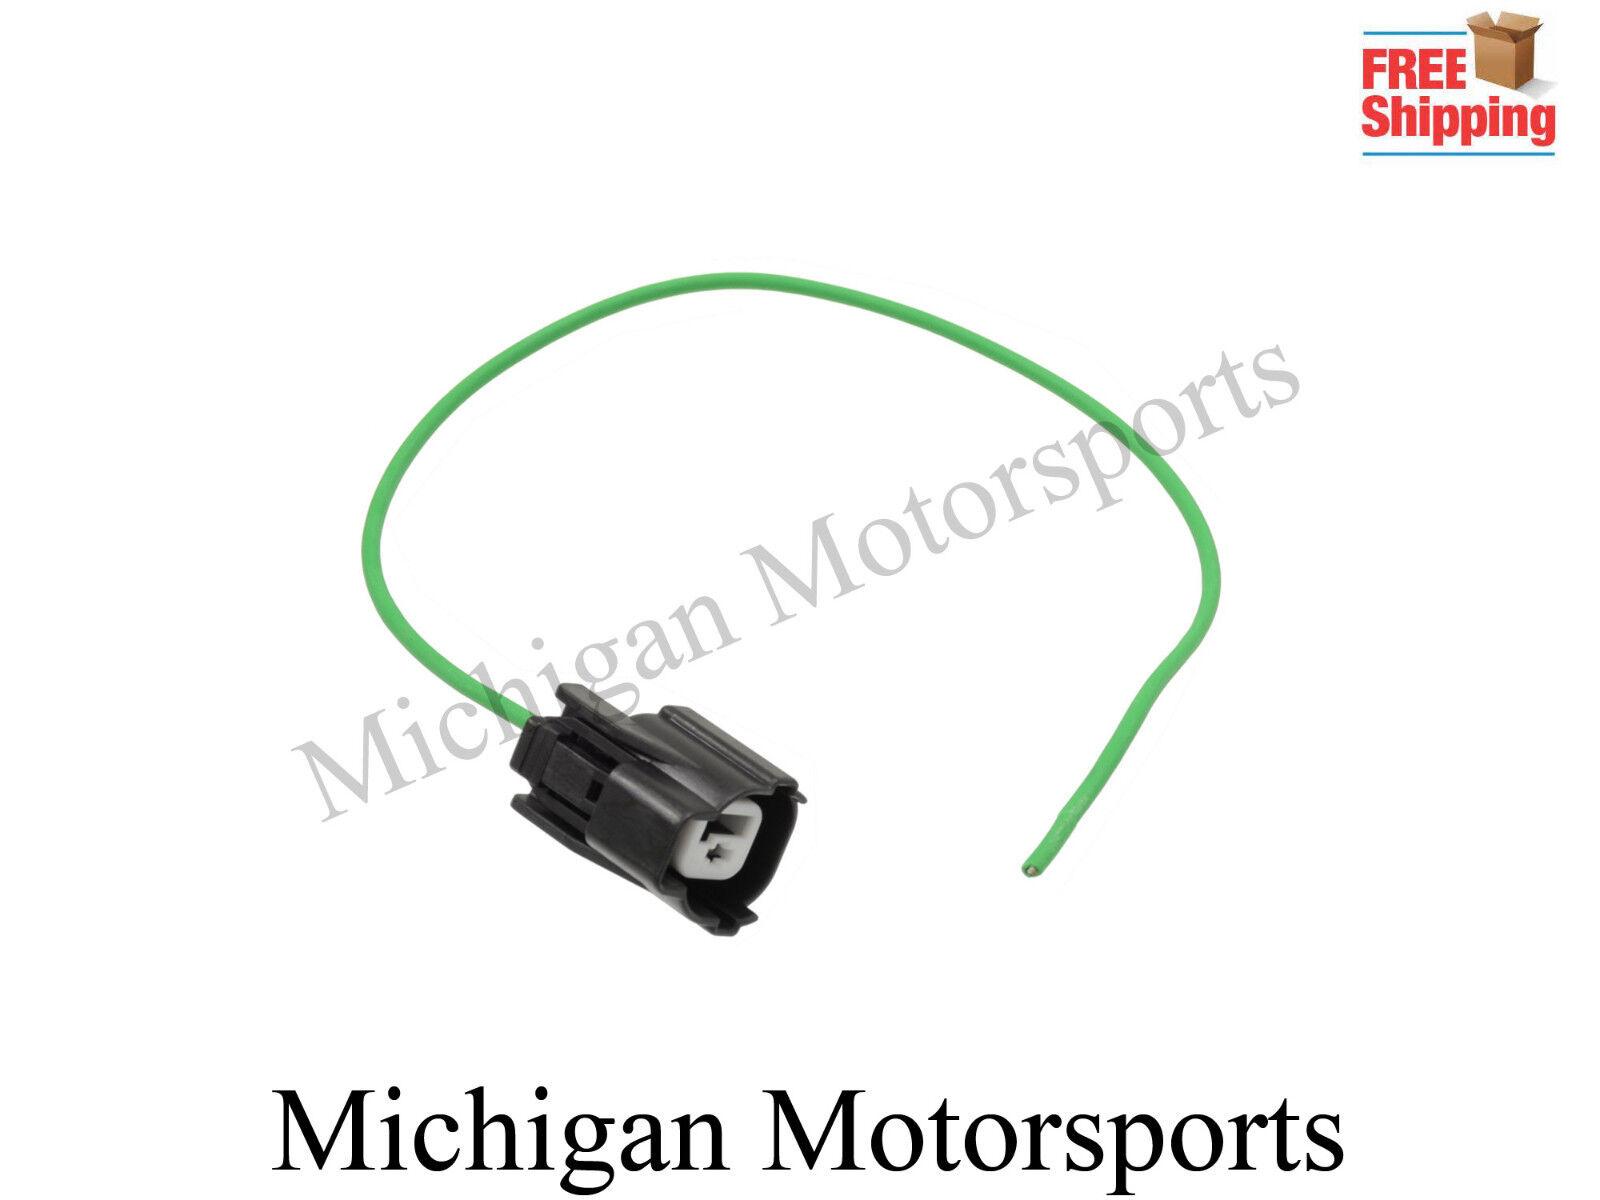 Vtec Solenoid Harness Wiring Data Honda Connectors Plug Connector Pigtail Civic Rh Picclick Com Problems